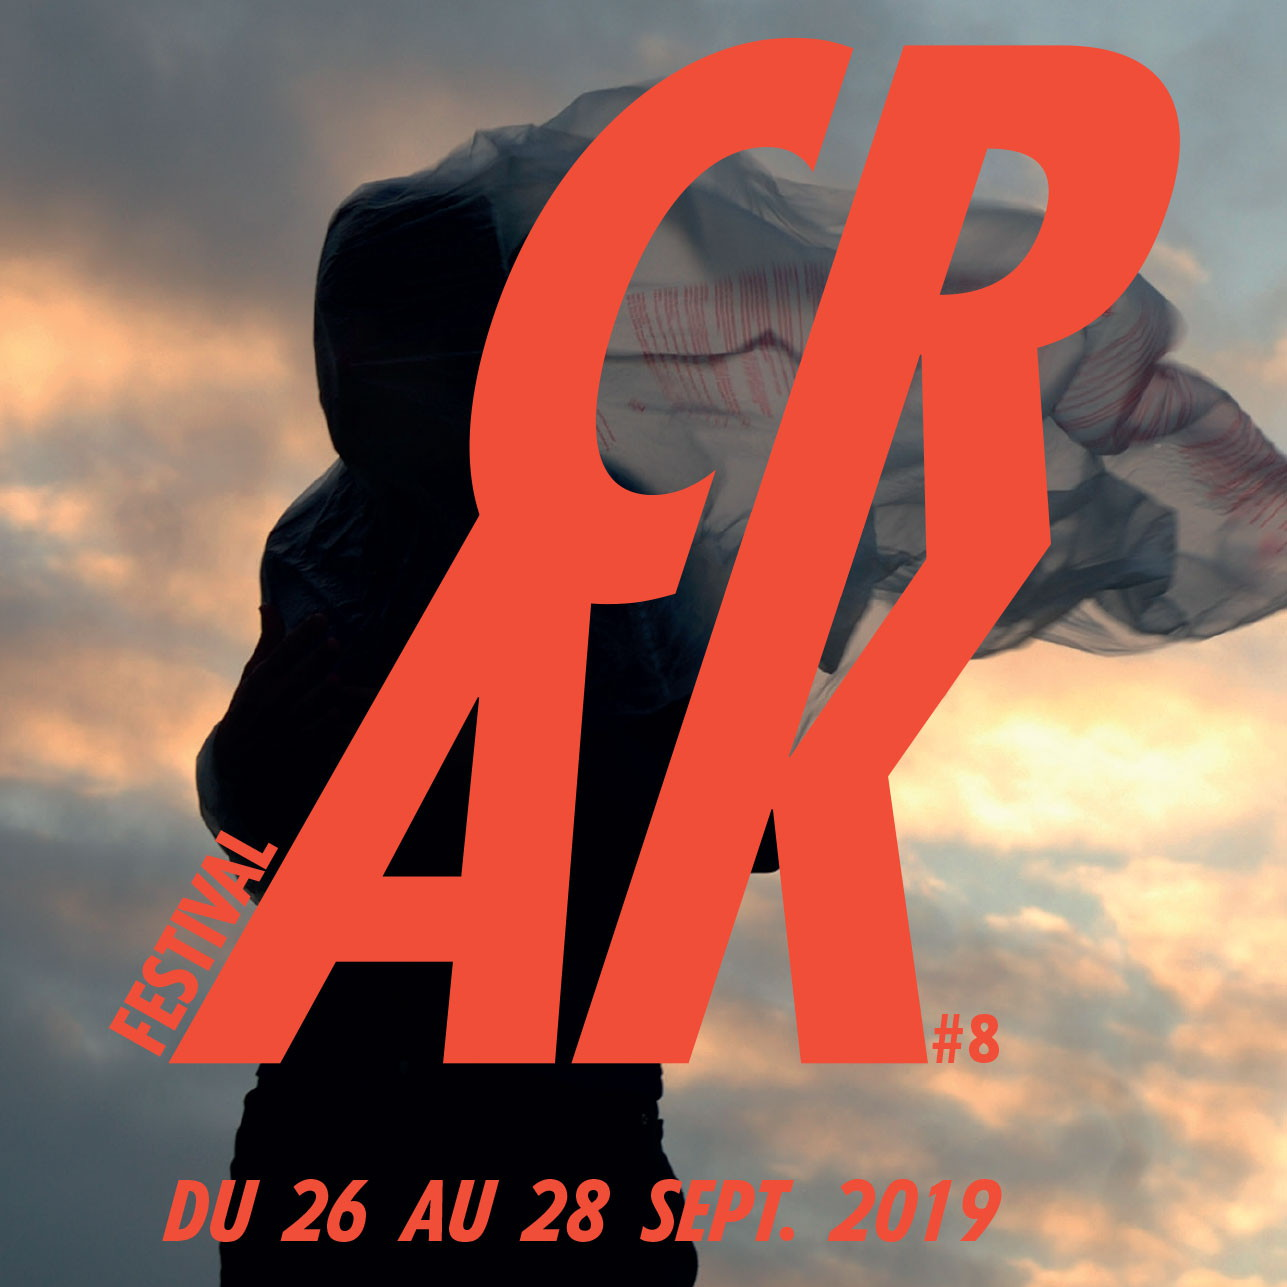 crak festival 2019 jeu skriber